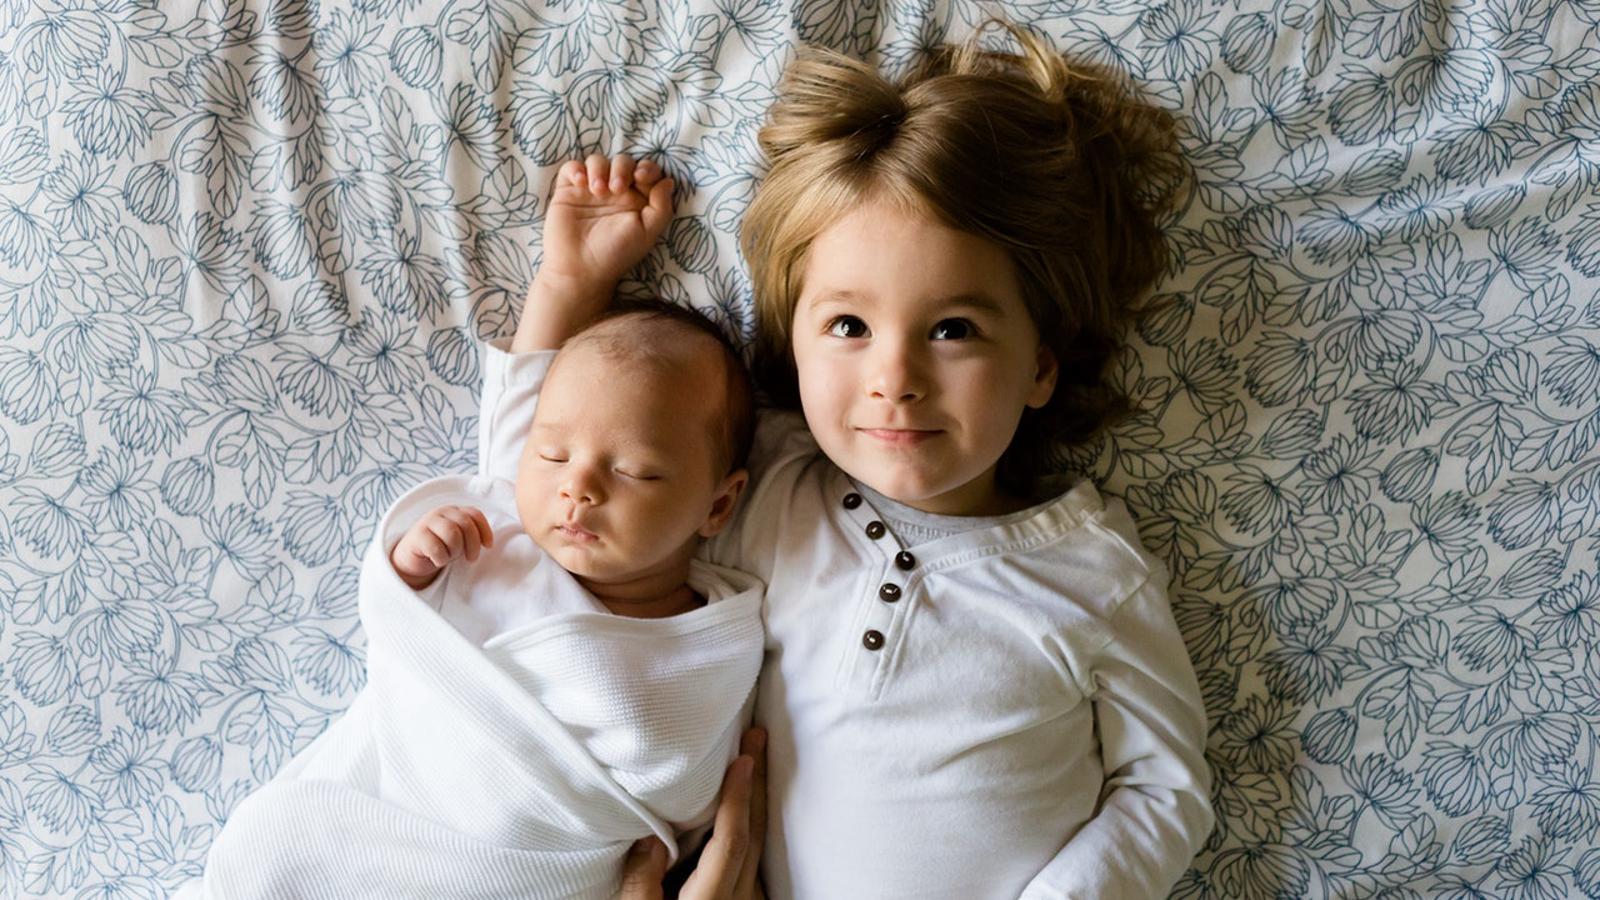 Por qué nadie puede recordar casi nada de sus primeros años de vida